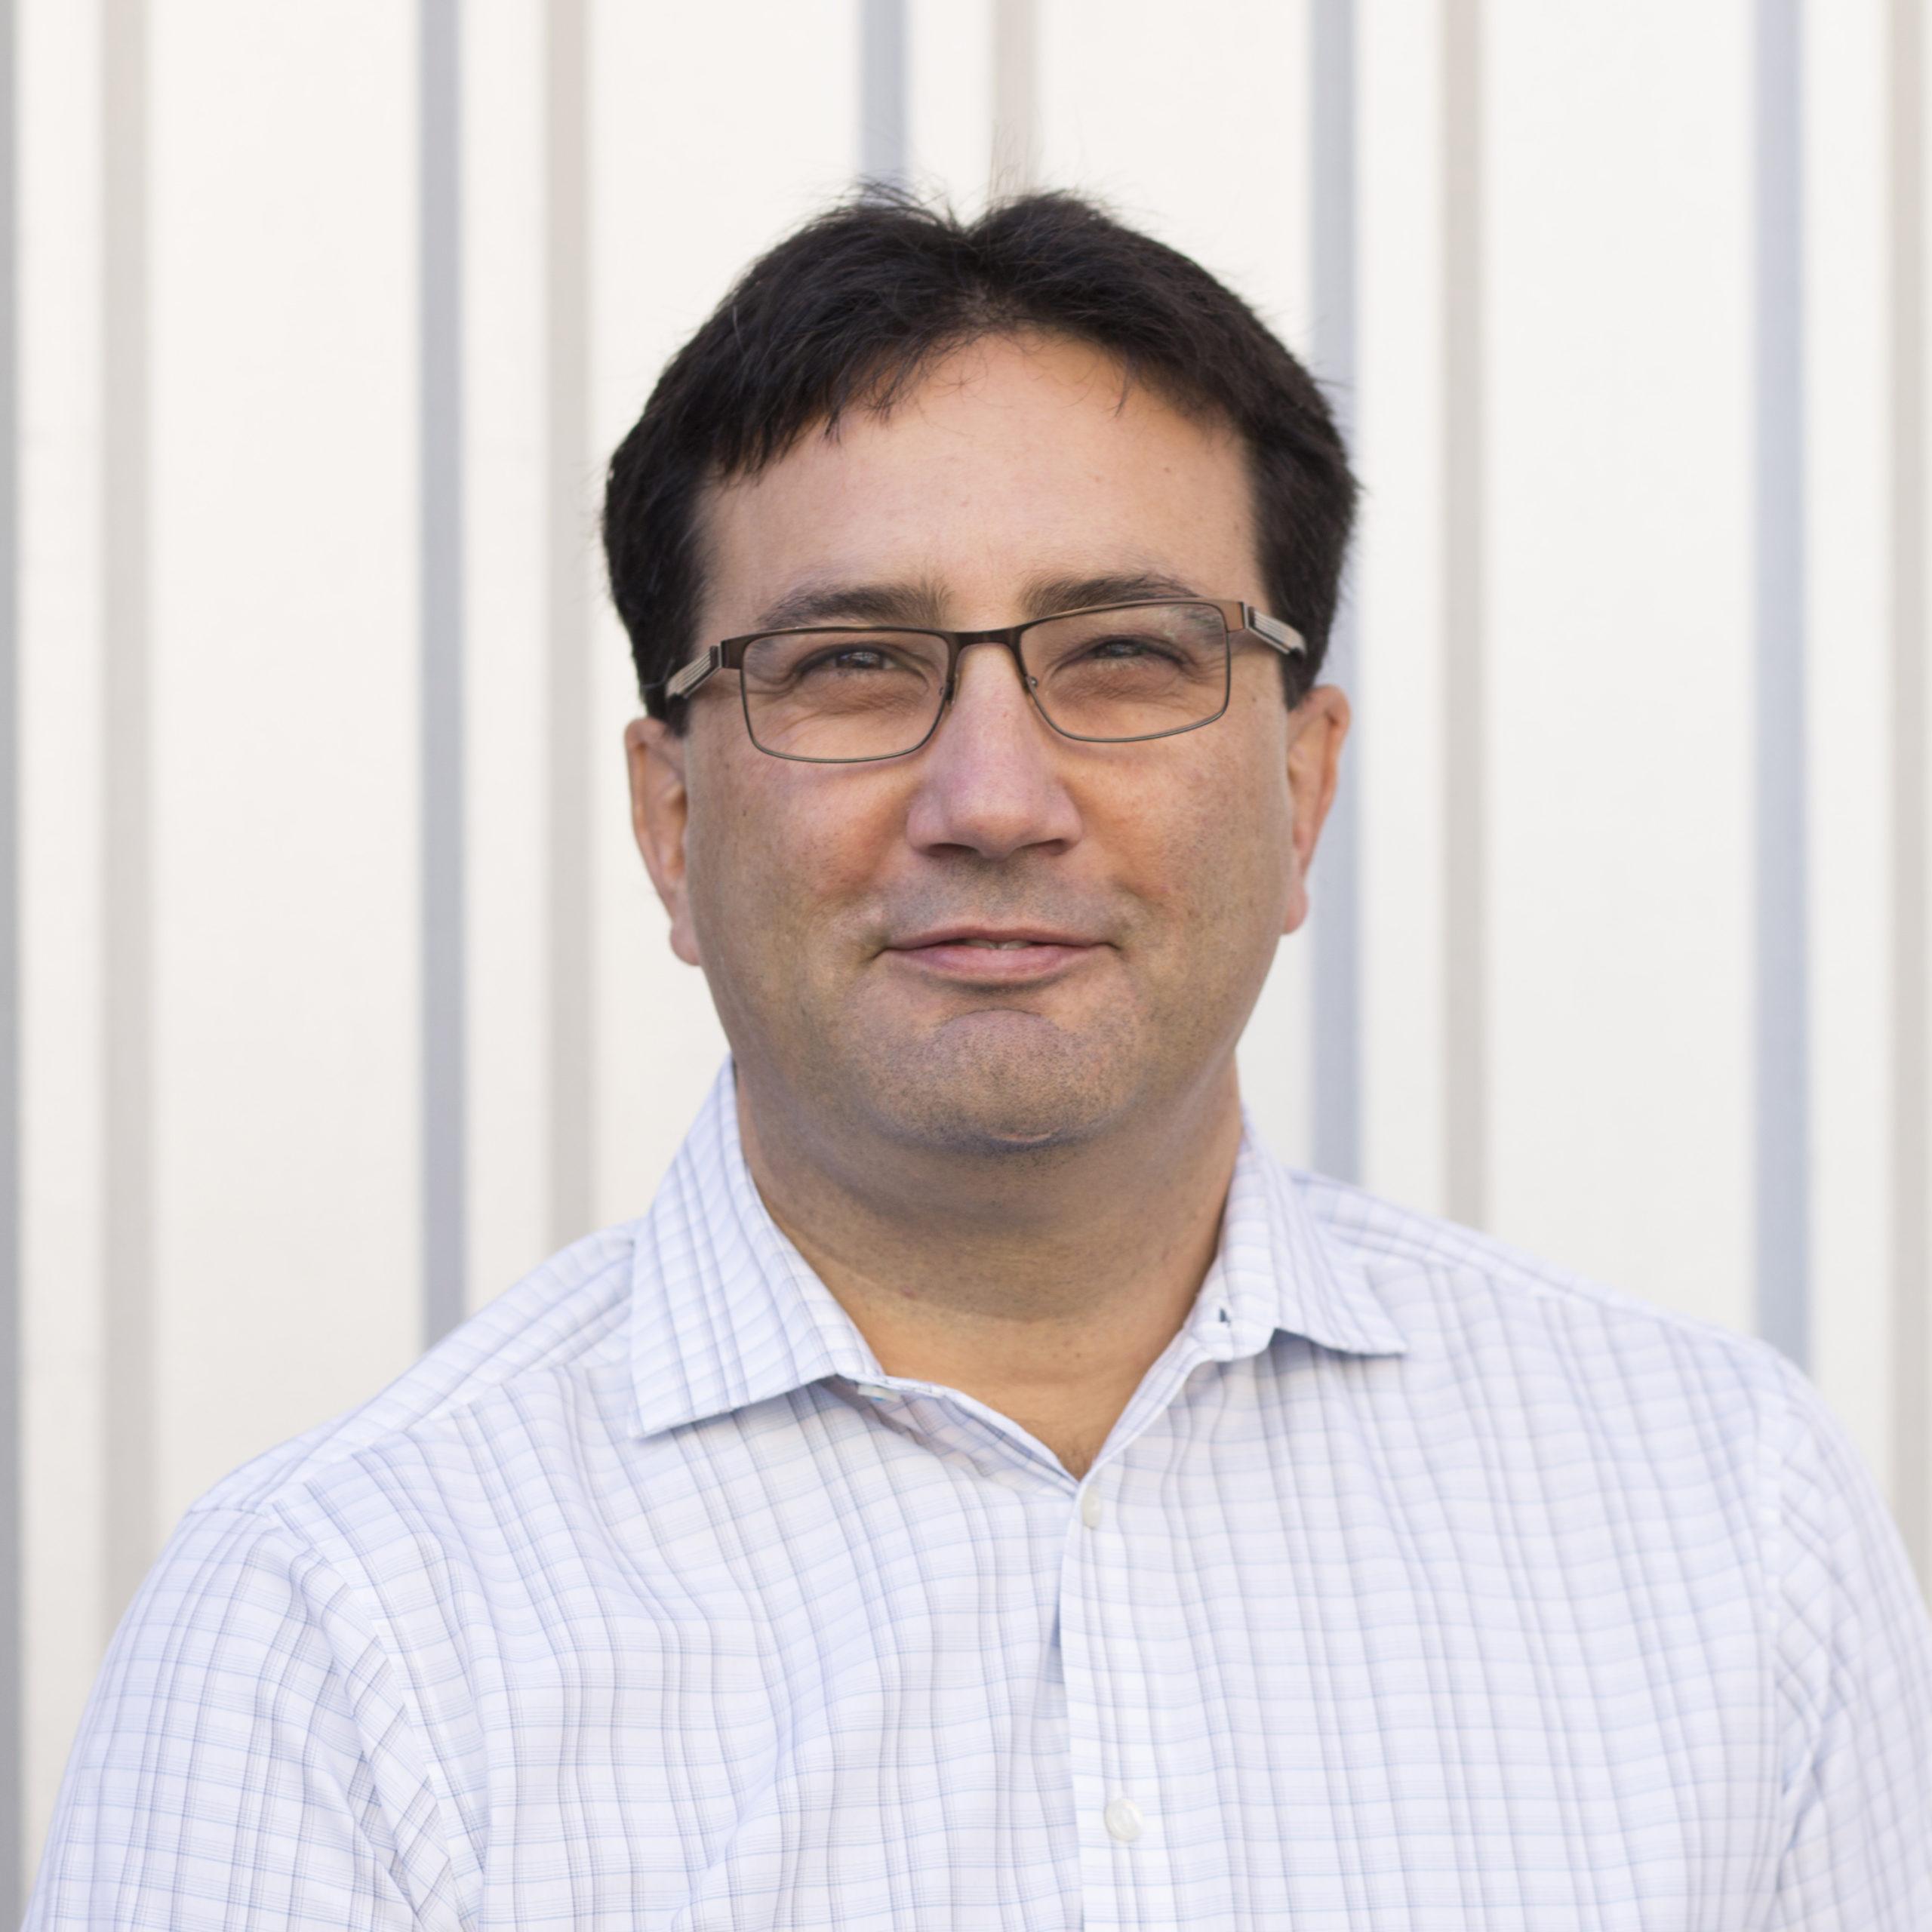 Alex Alzugaray